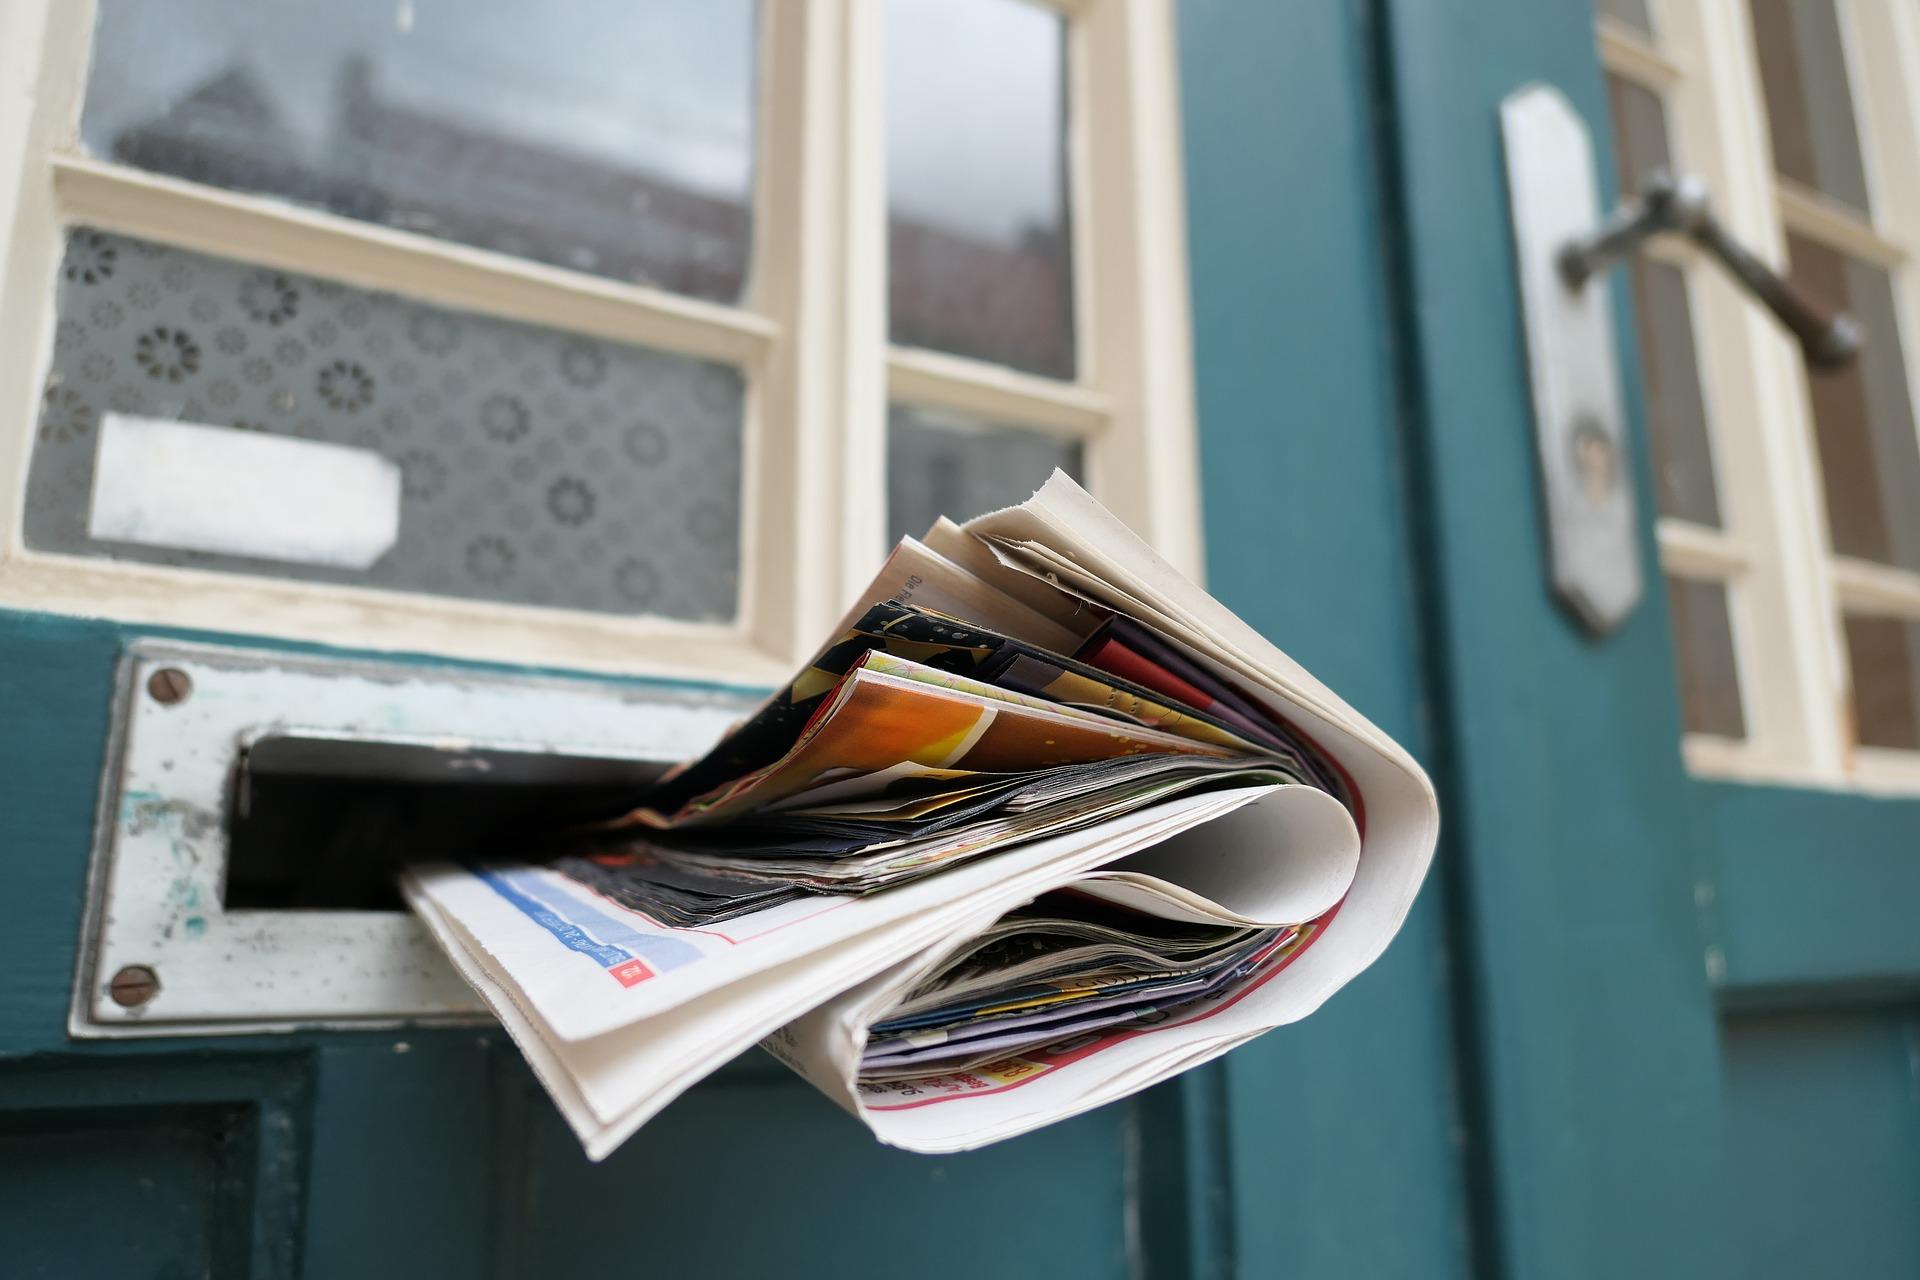 newspaper-3065044_1920.jpg